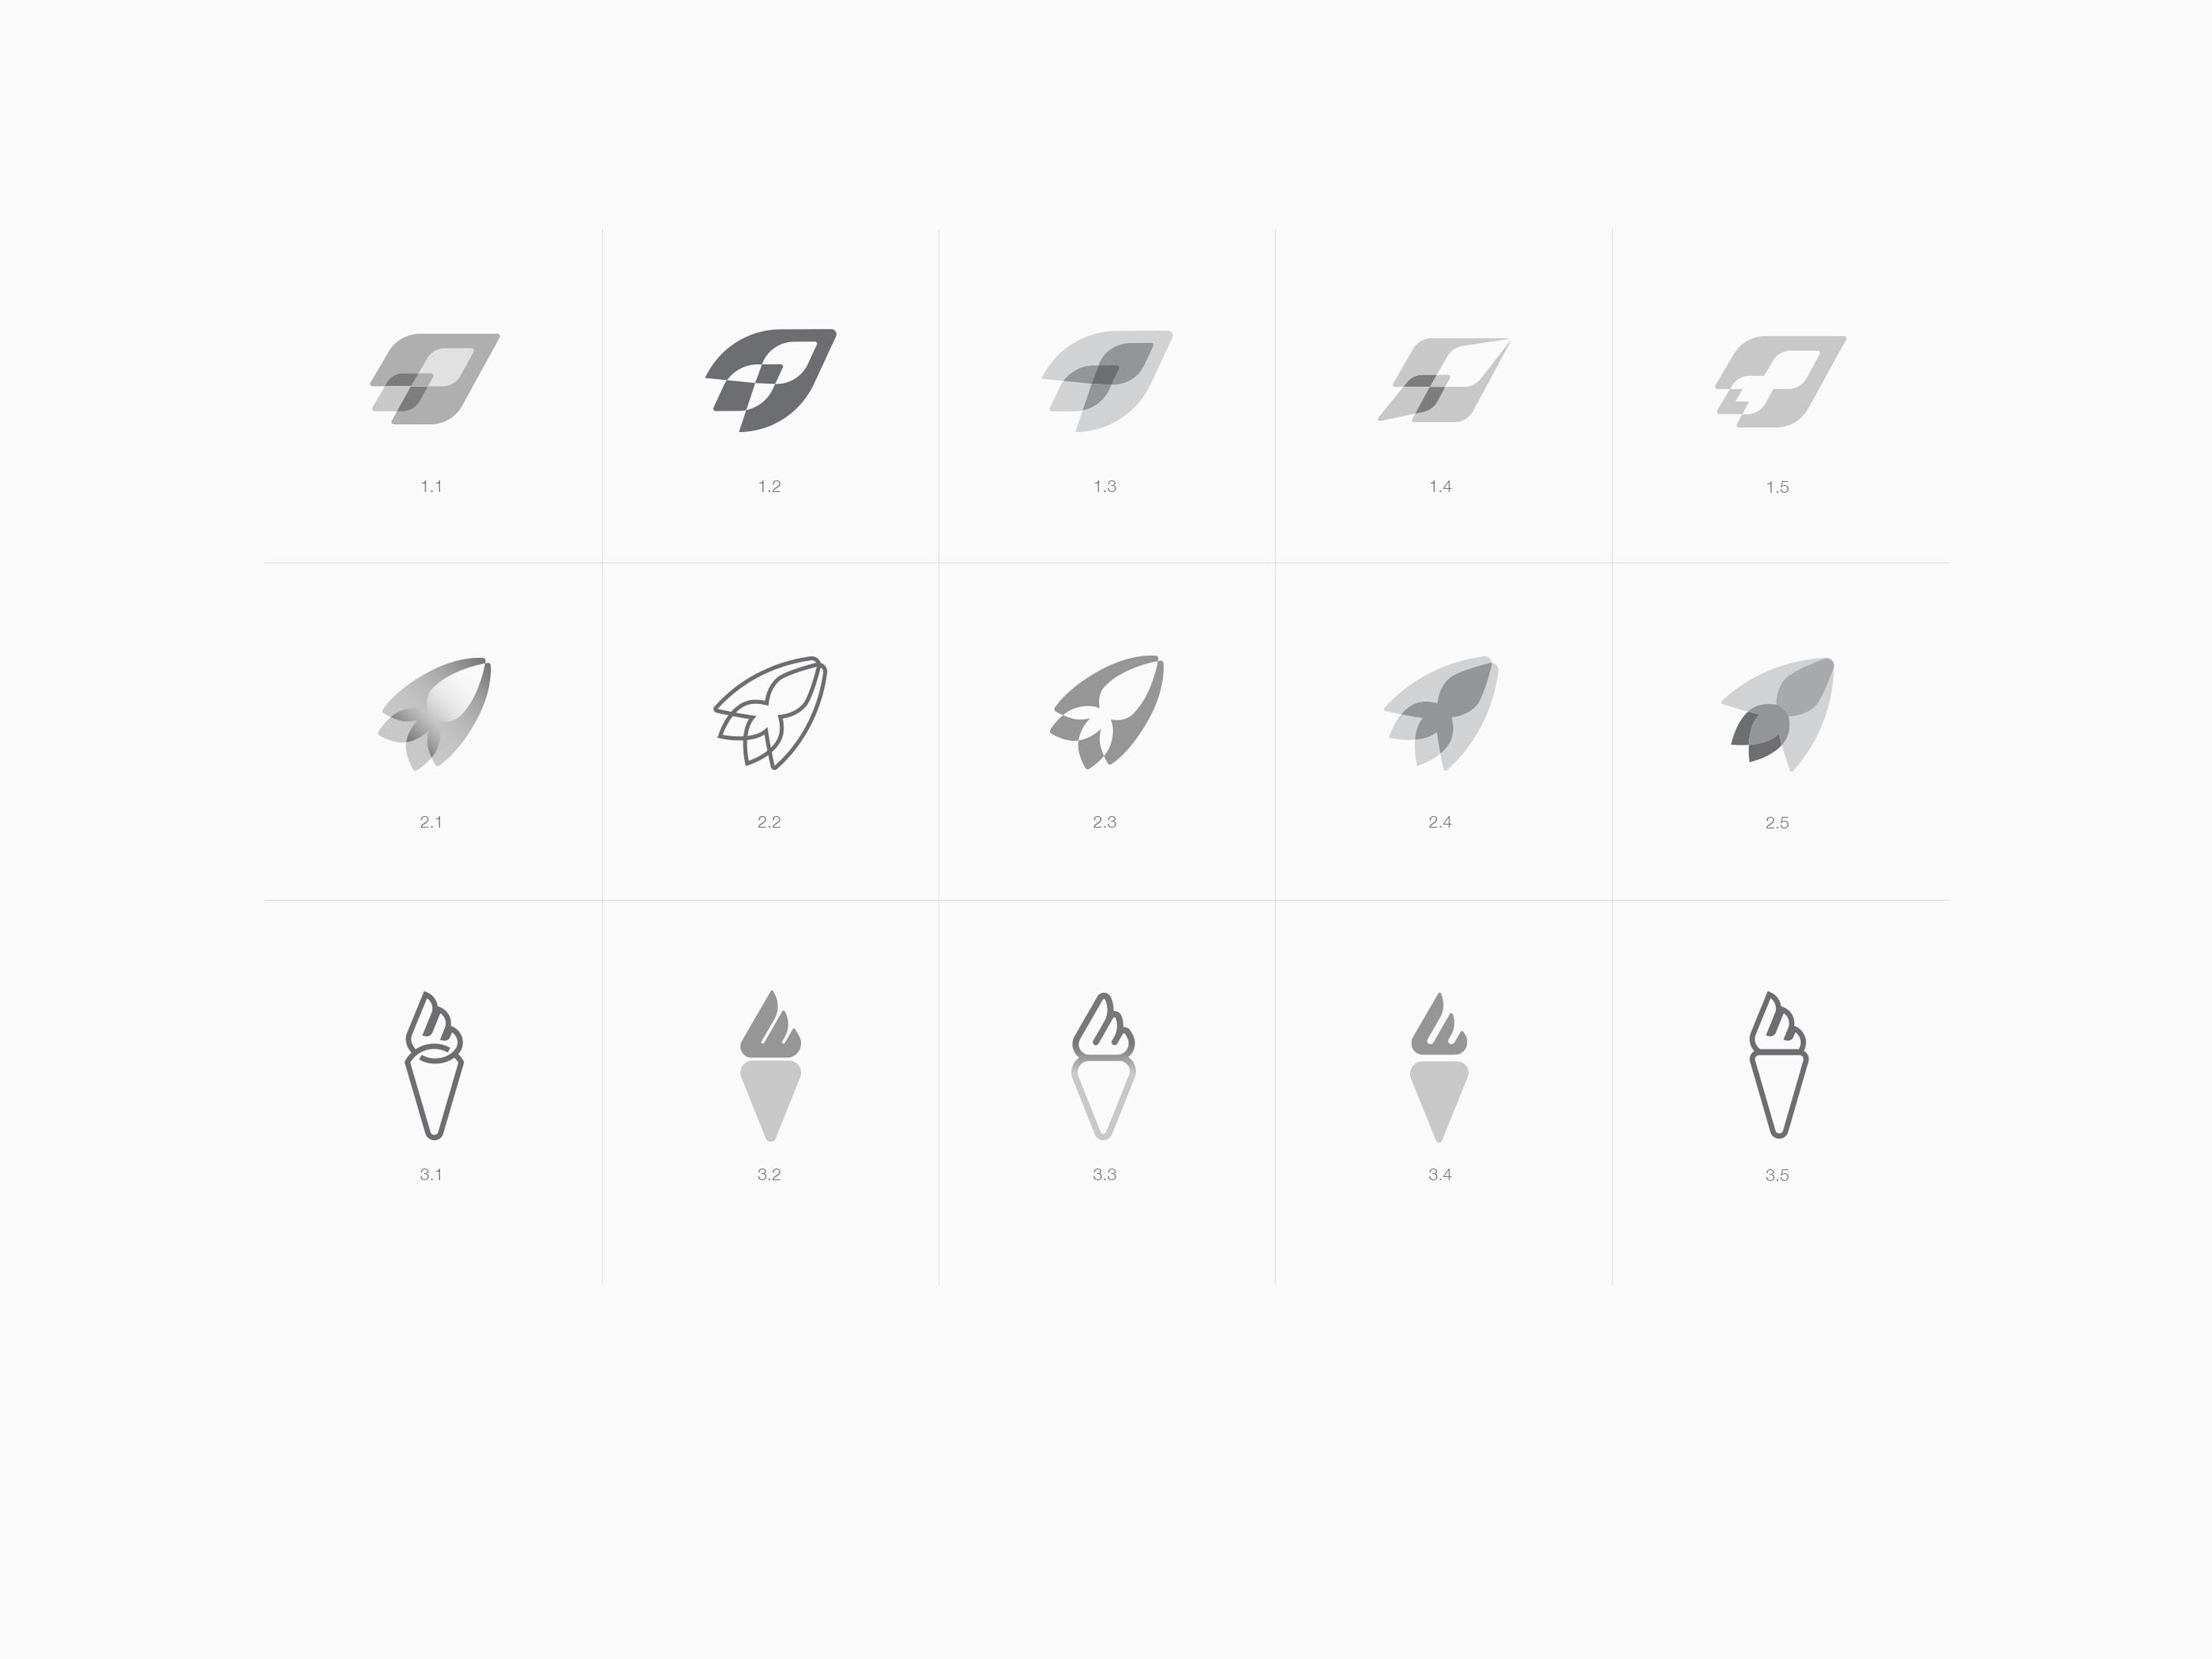 nelio icon shapes